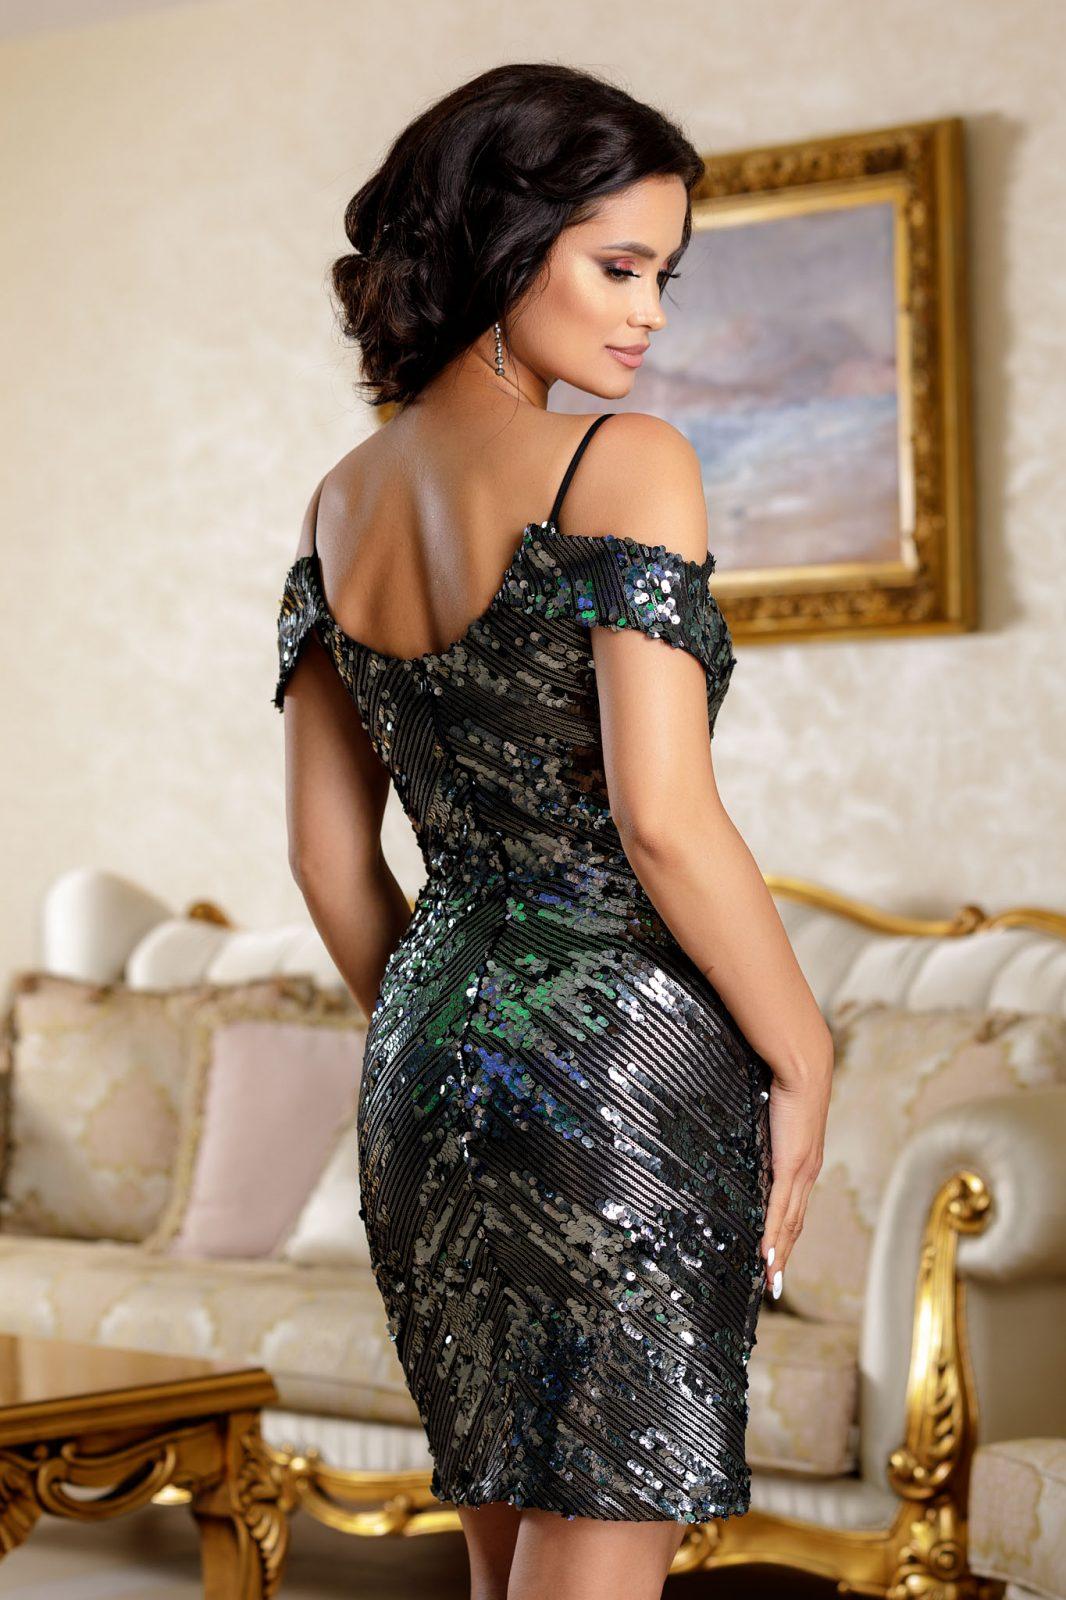 Noemya Γκρι Φόρεμα 4822